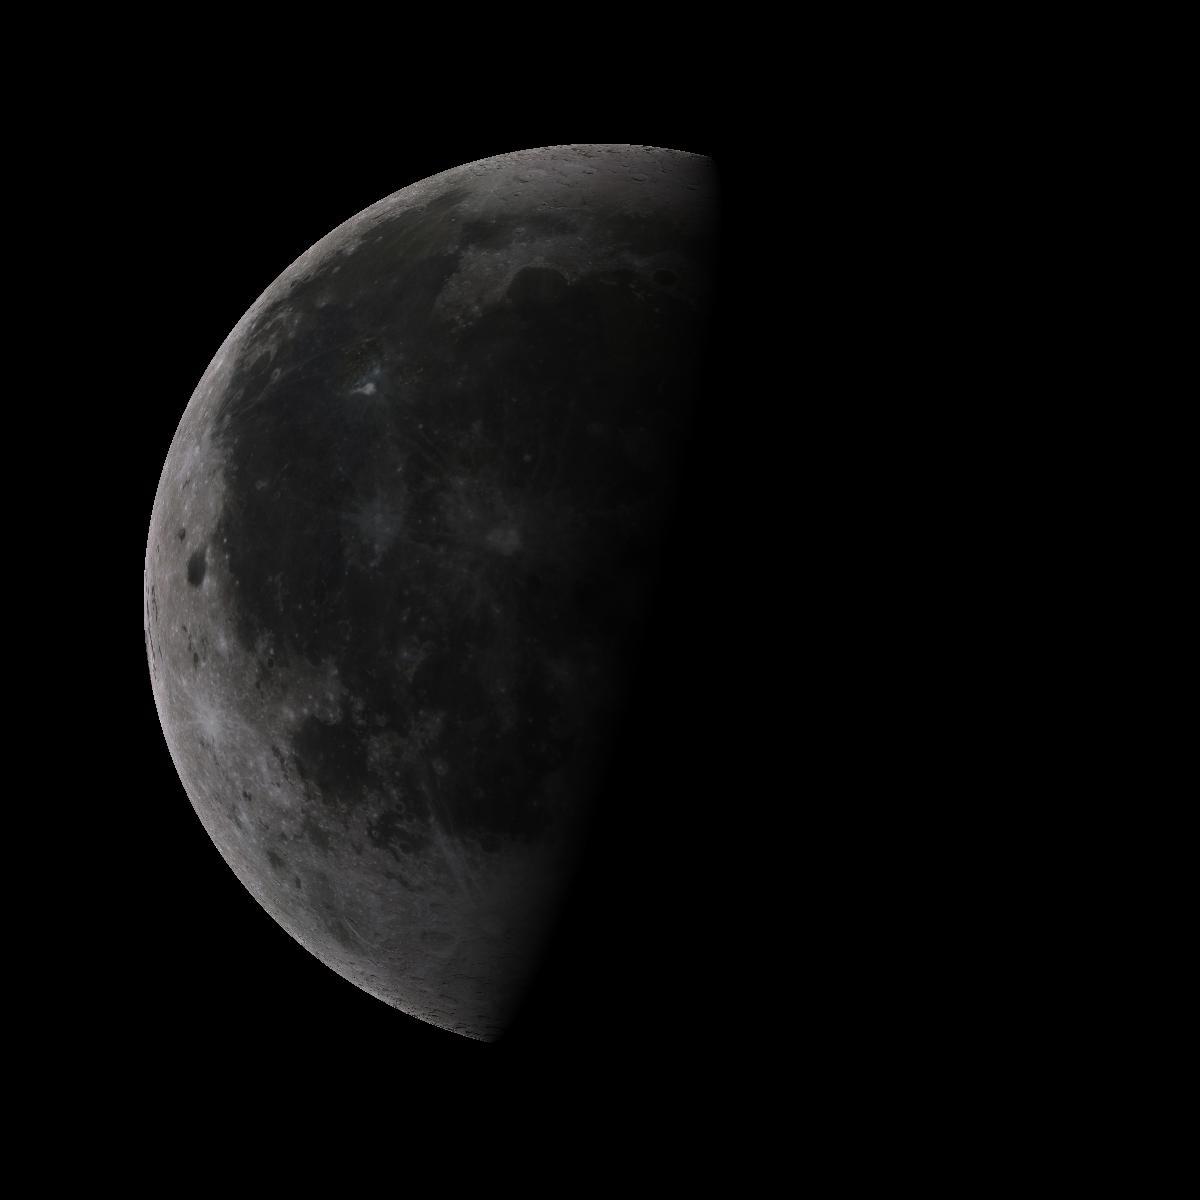 Lune du 23 aout 2019